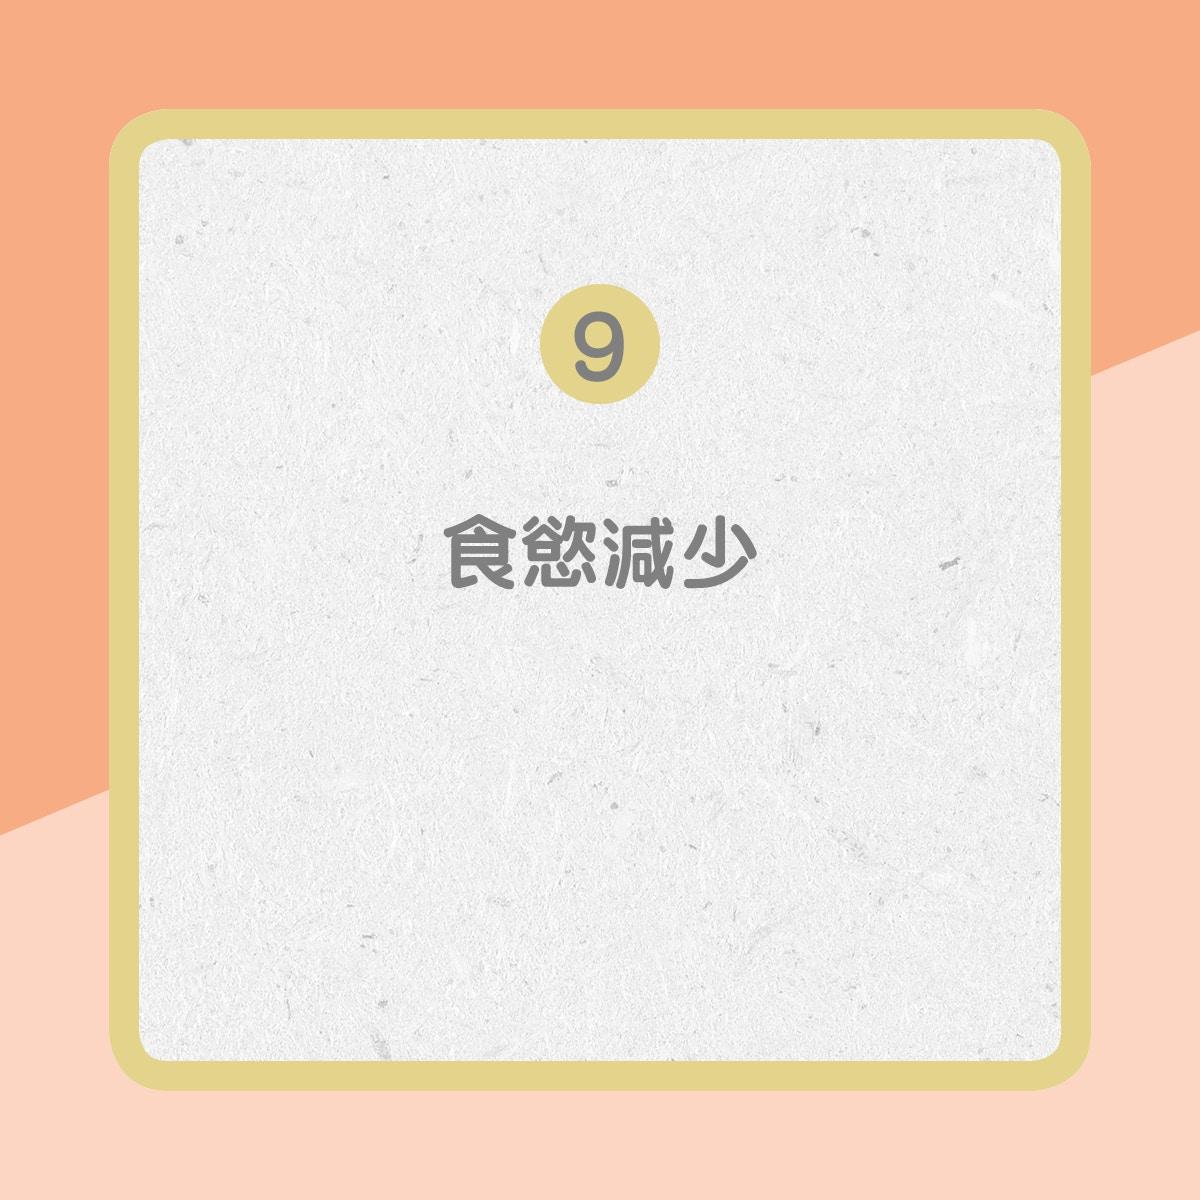 【心臟衰竭病徵】9. 食慾減少(01製圖)